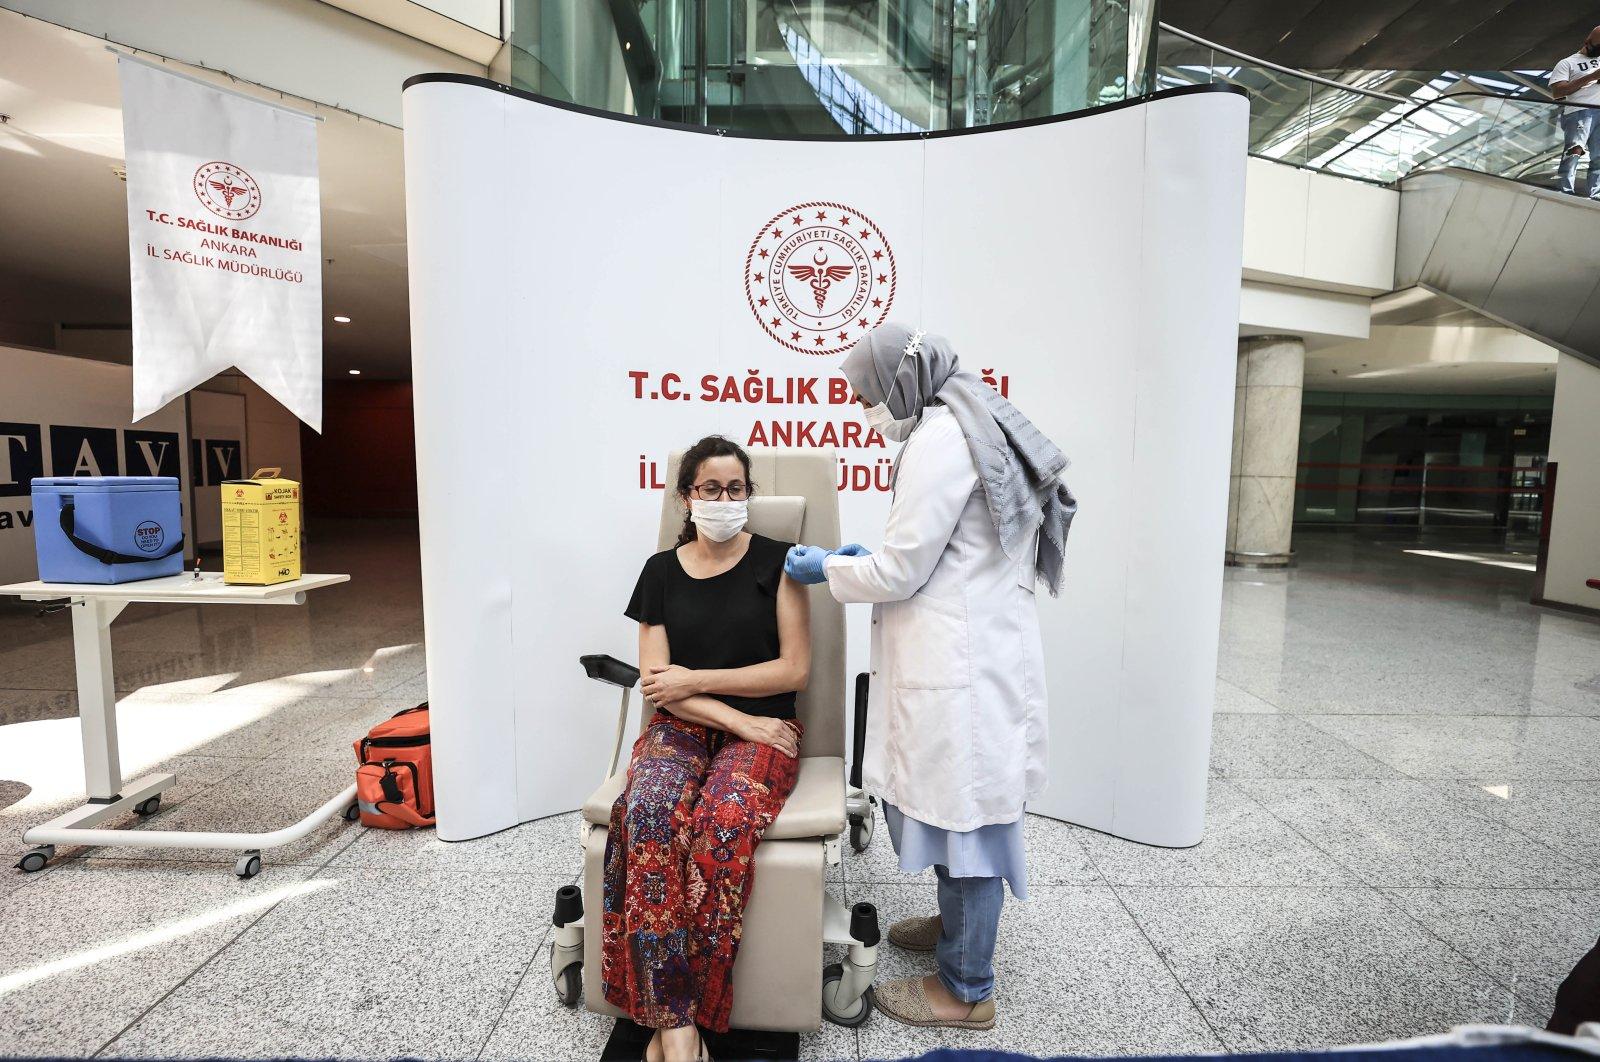 A woman gets vaccinated at a vaccination corner at Esenboğa Airport, Ankara, Turkey, June 29, 2021. (AA PHOTO)